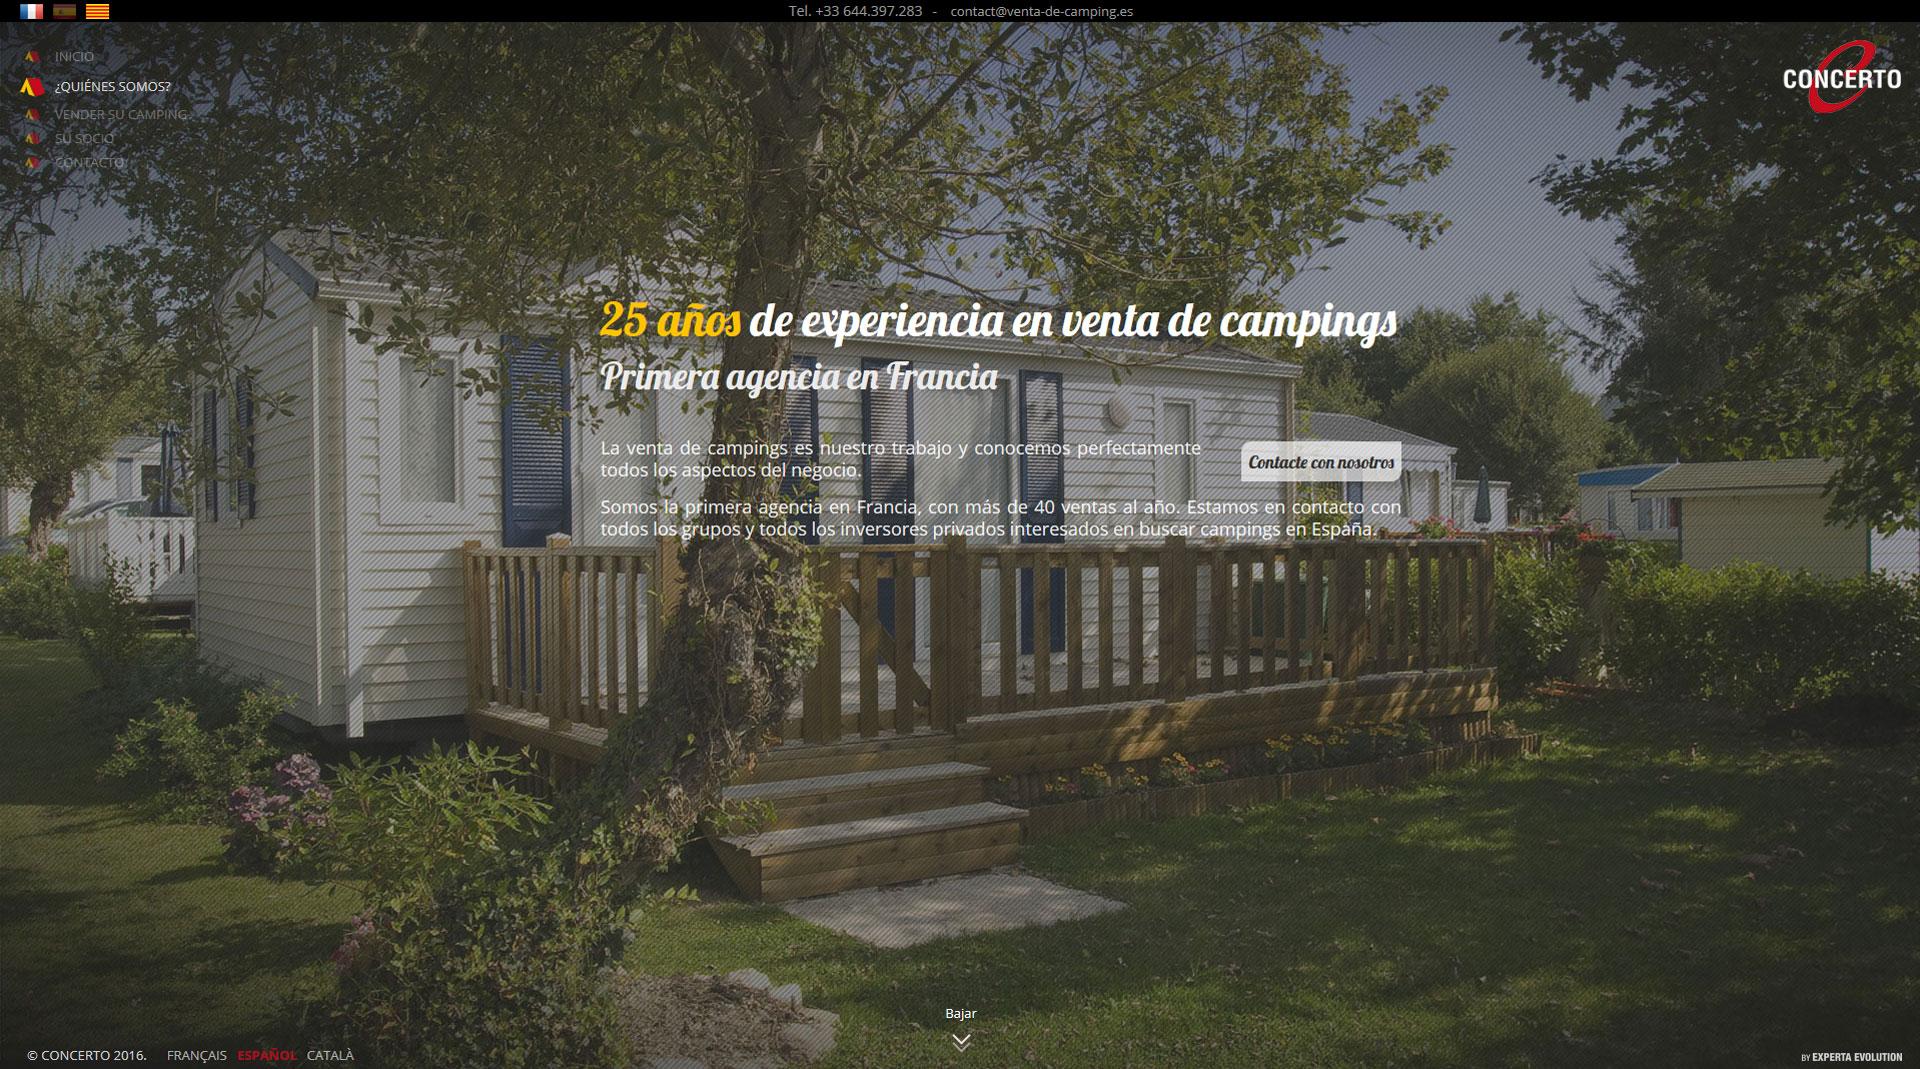 Venta de campings España